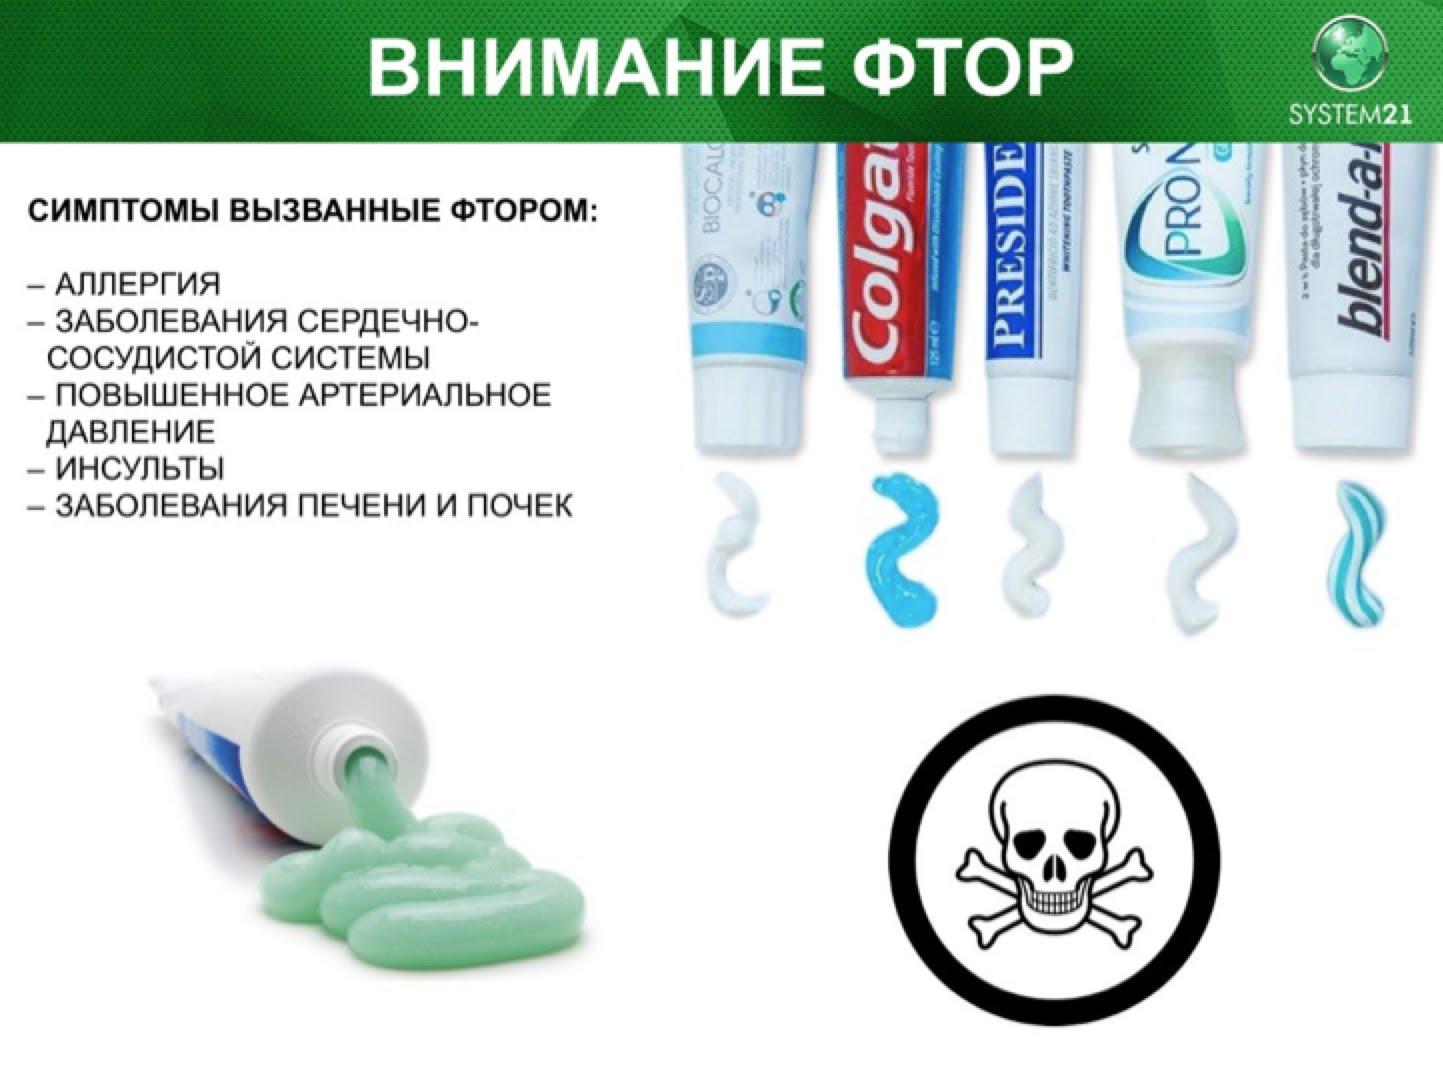 Фтор в зубной пасте и воде – польза и вред для зубов человека и организма